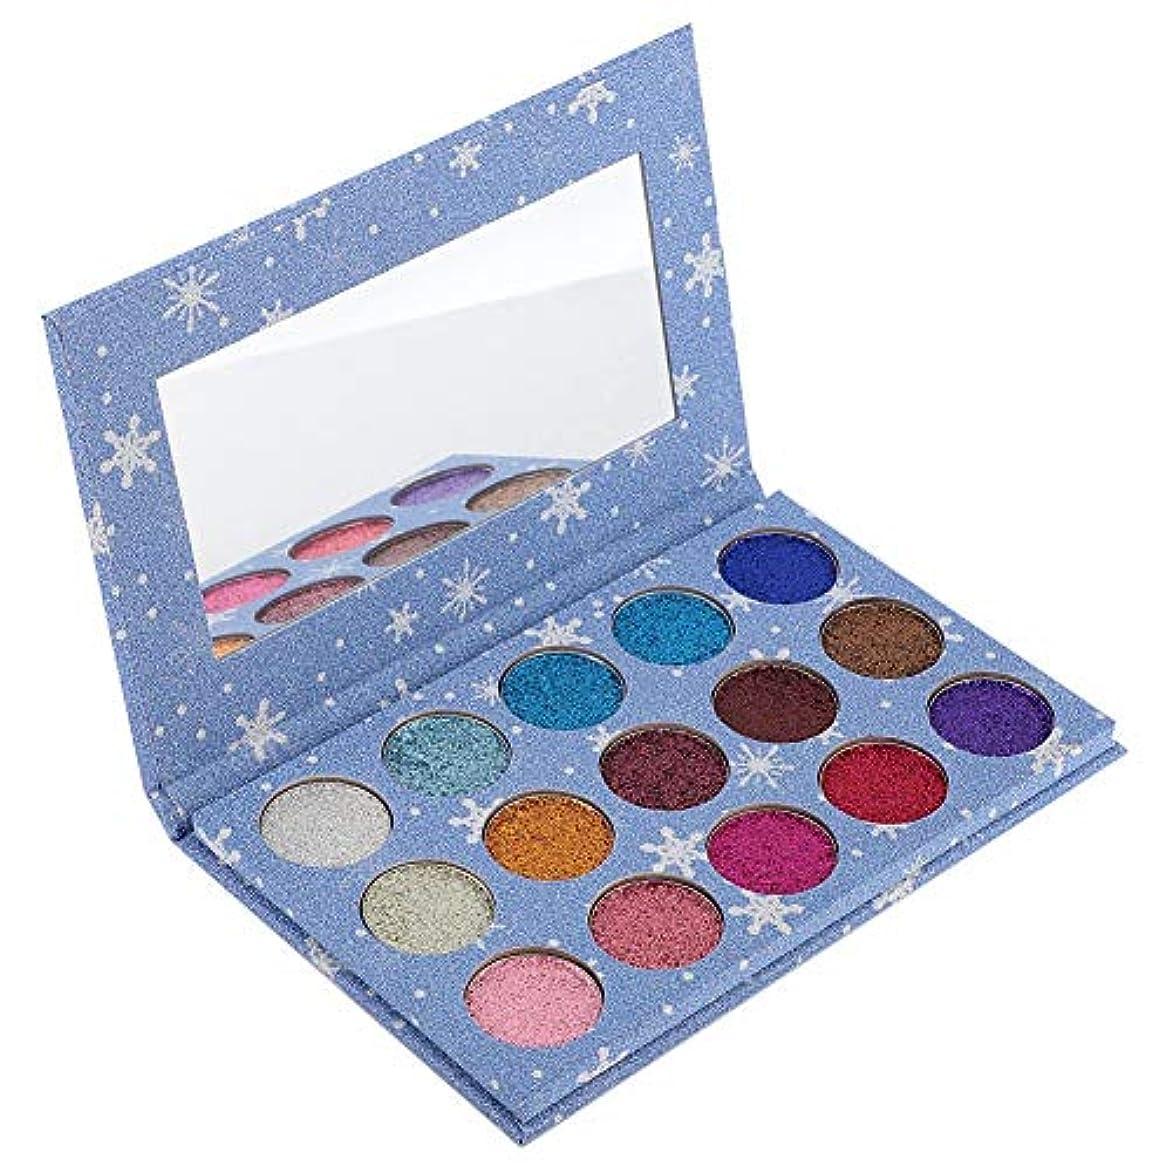 アイシャドウパレット 15色 アイシャドウパレット 化粧マット グロス アイシャドウパウダー 化粧品ツール (01)